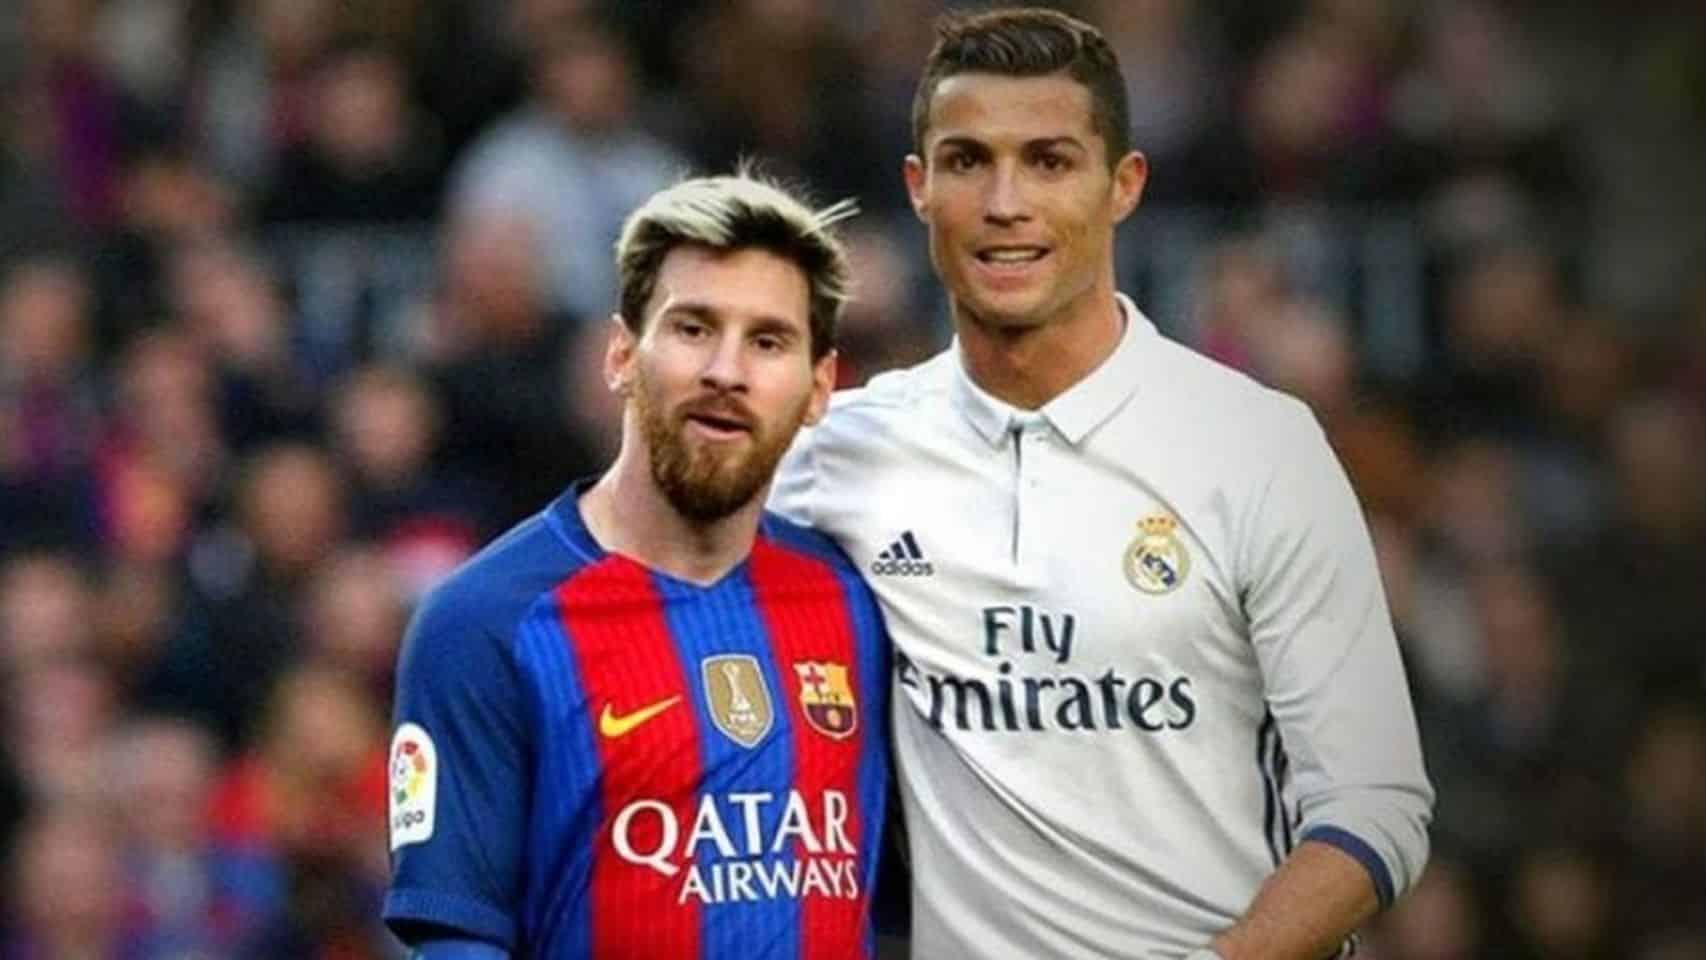 Arabia Saudí quiere a Cristiano Ronaldo y a Leo Messi para promocionar su turismo